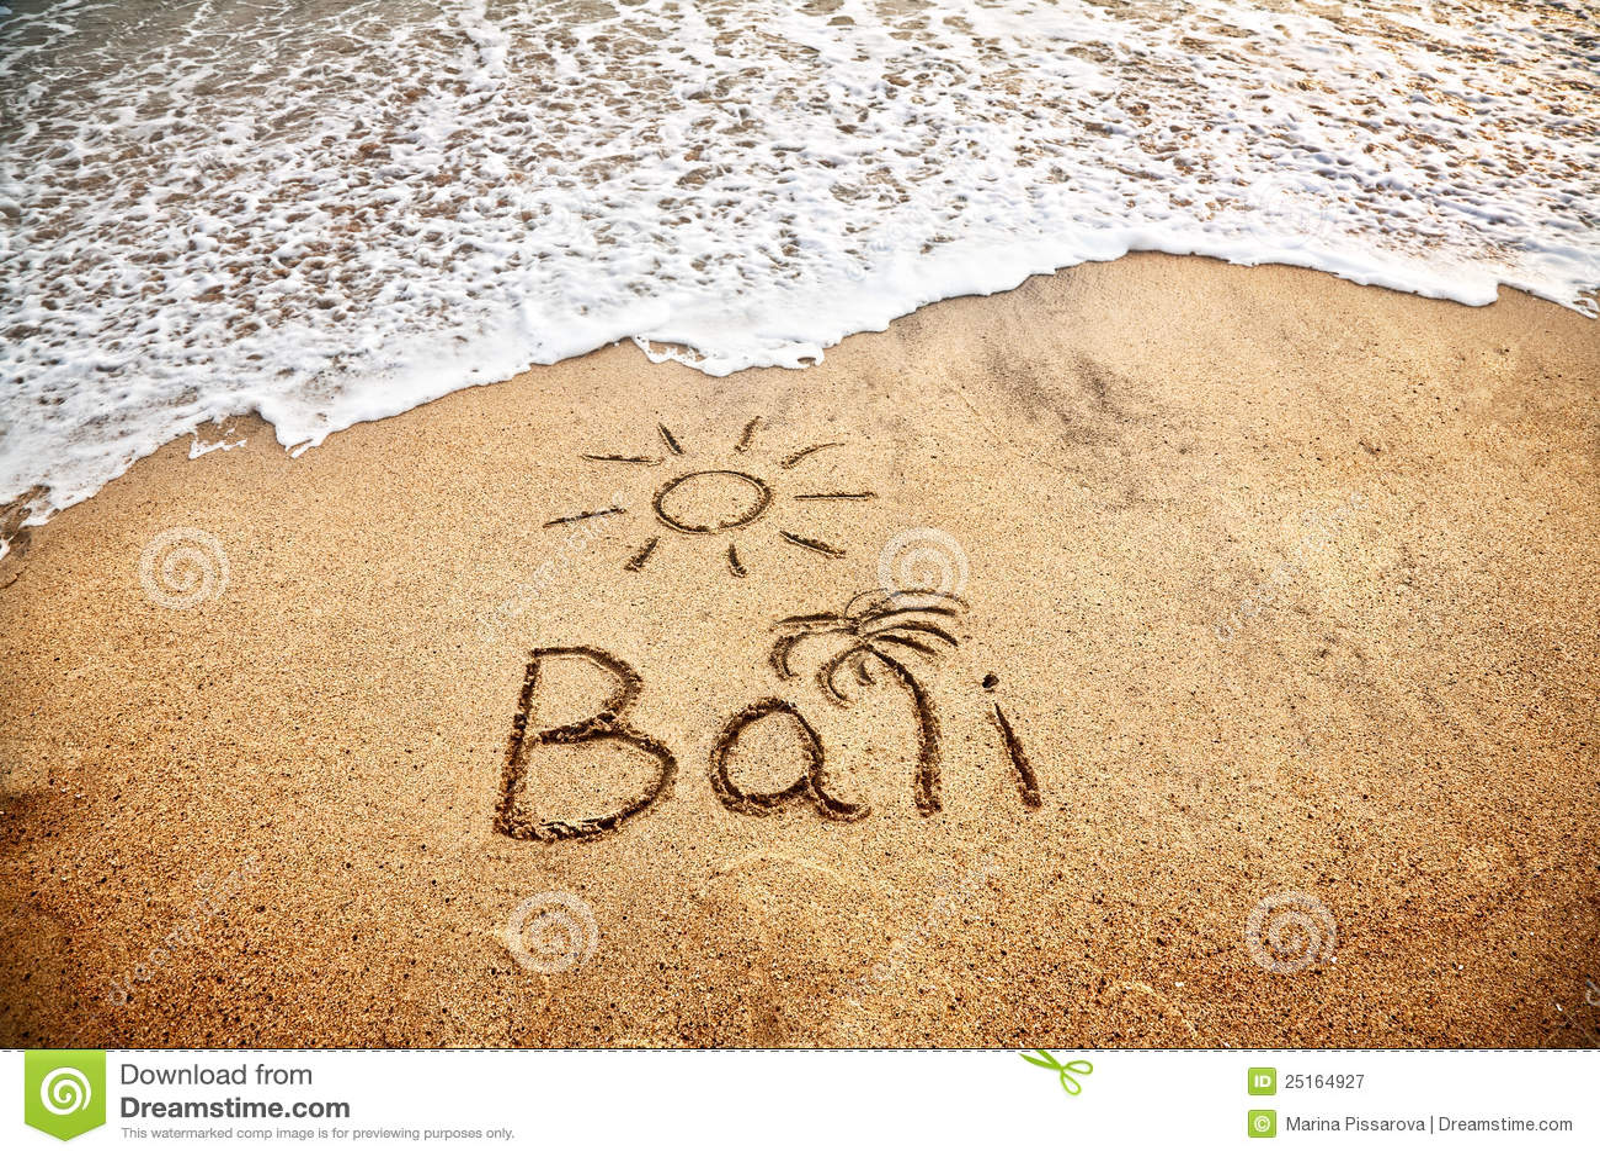 Bali sand